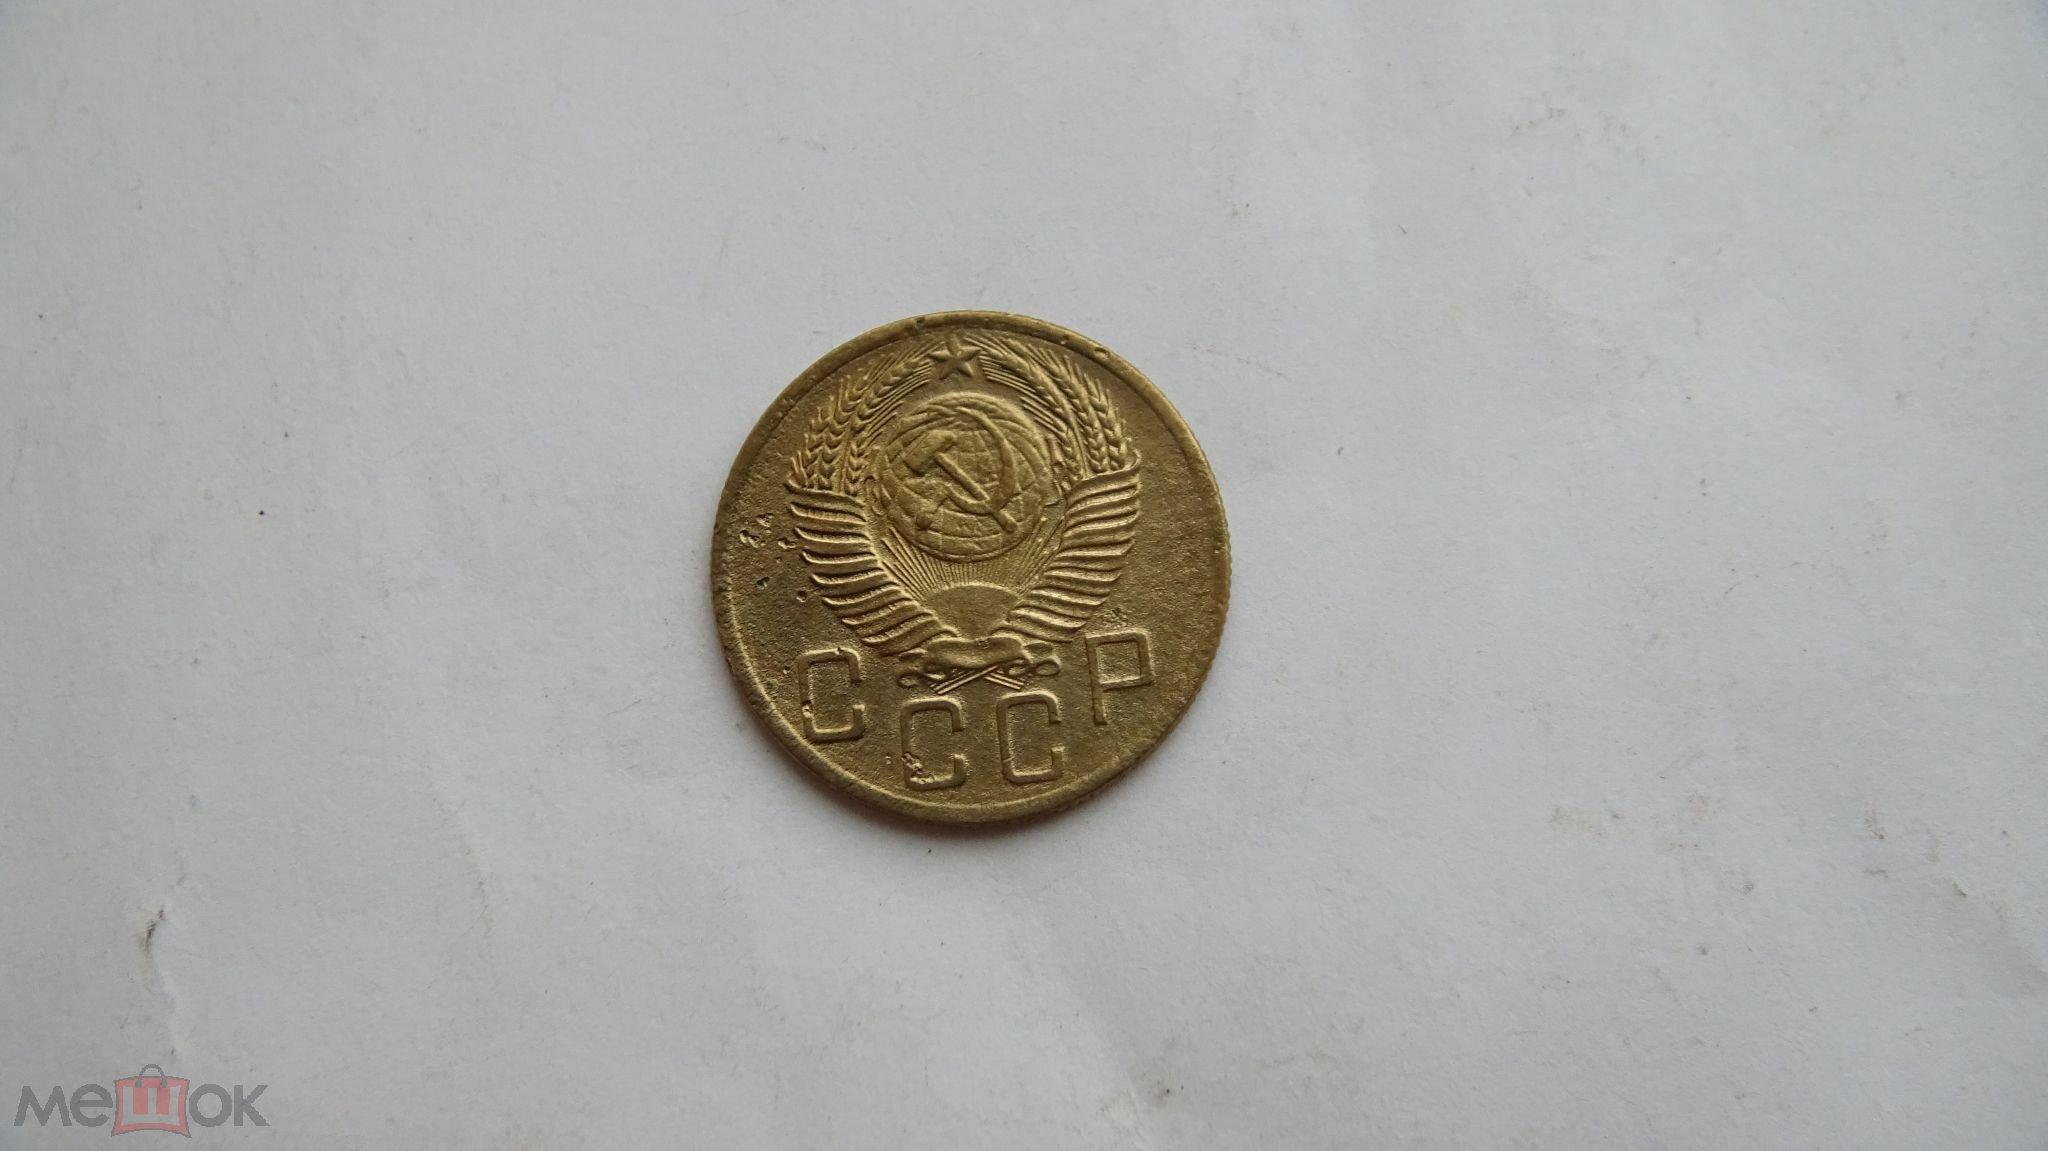 5 копеек 1953 ранние советы СССР редкая монета. ОРИГИНАЛ